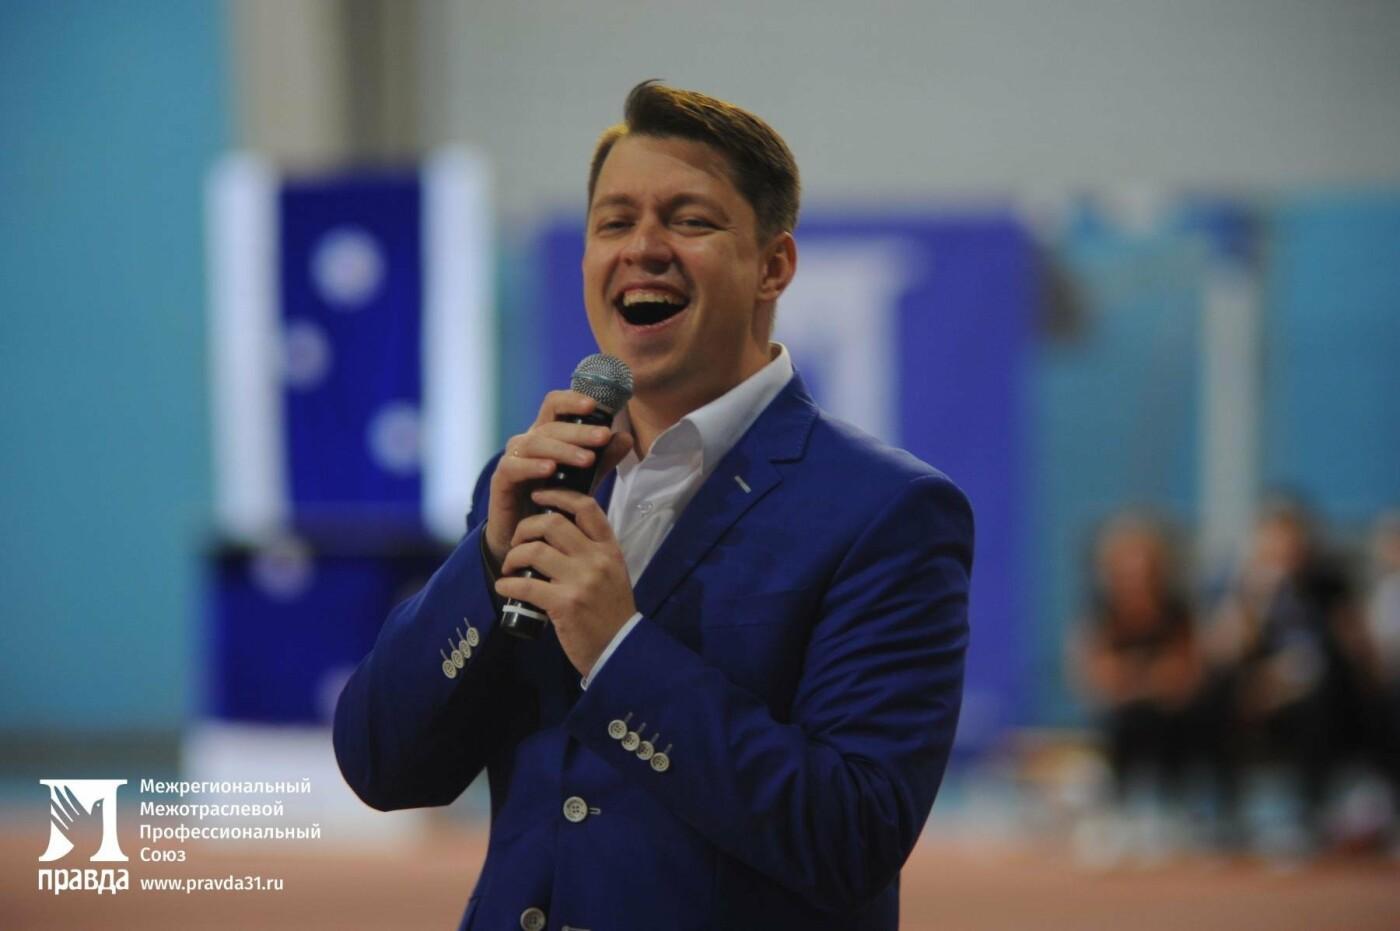 В Белгороде определили победителей спартакиады профсоюза «Правда», фото-16